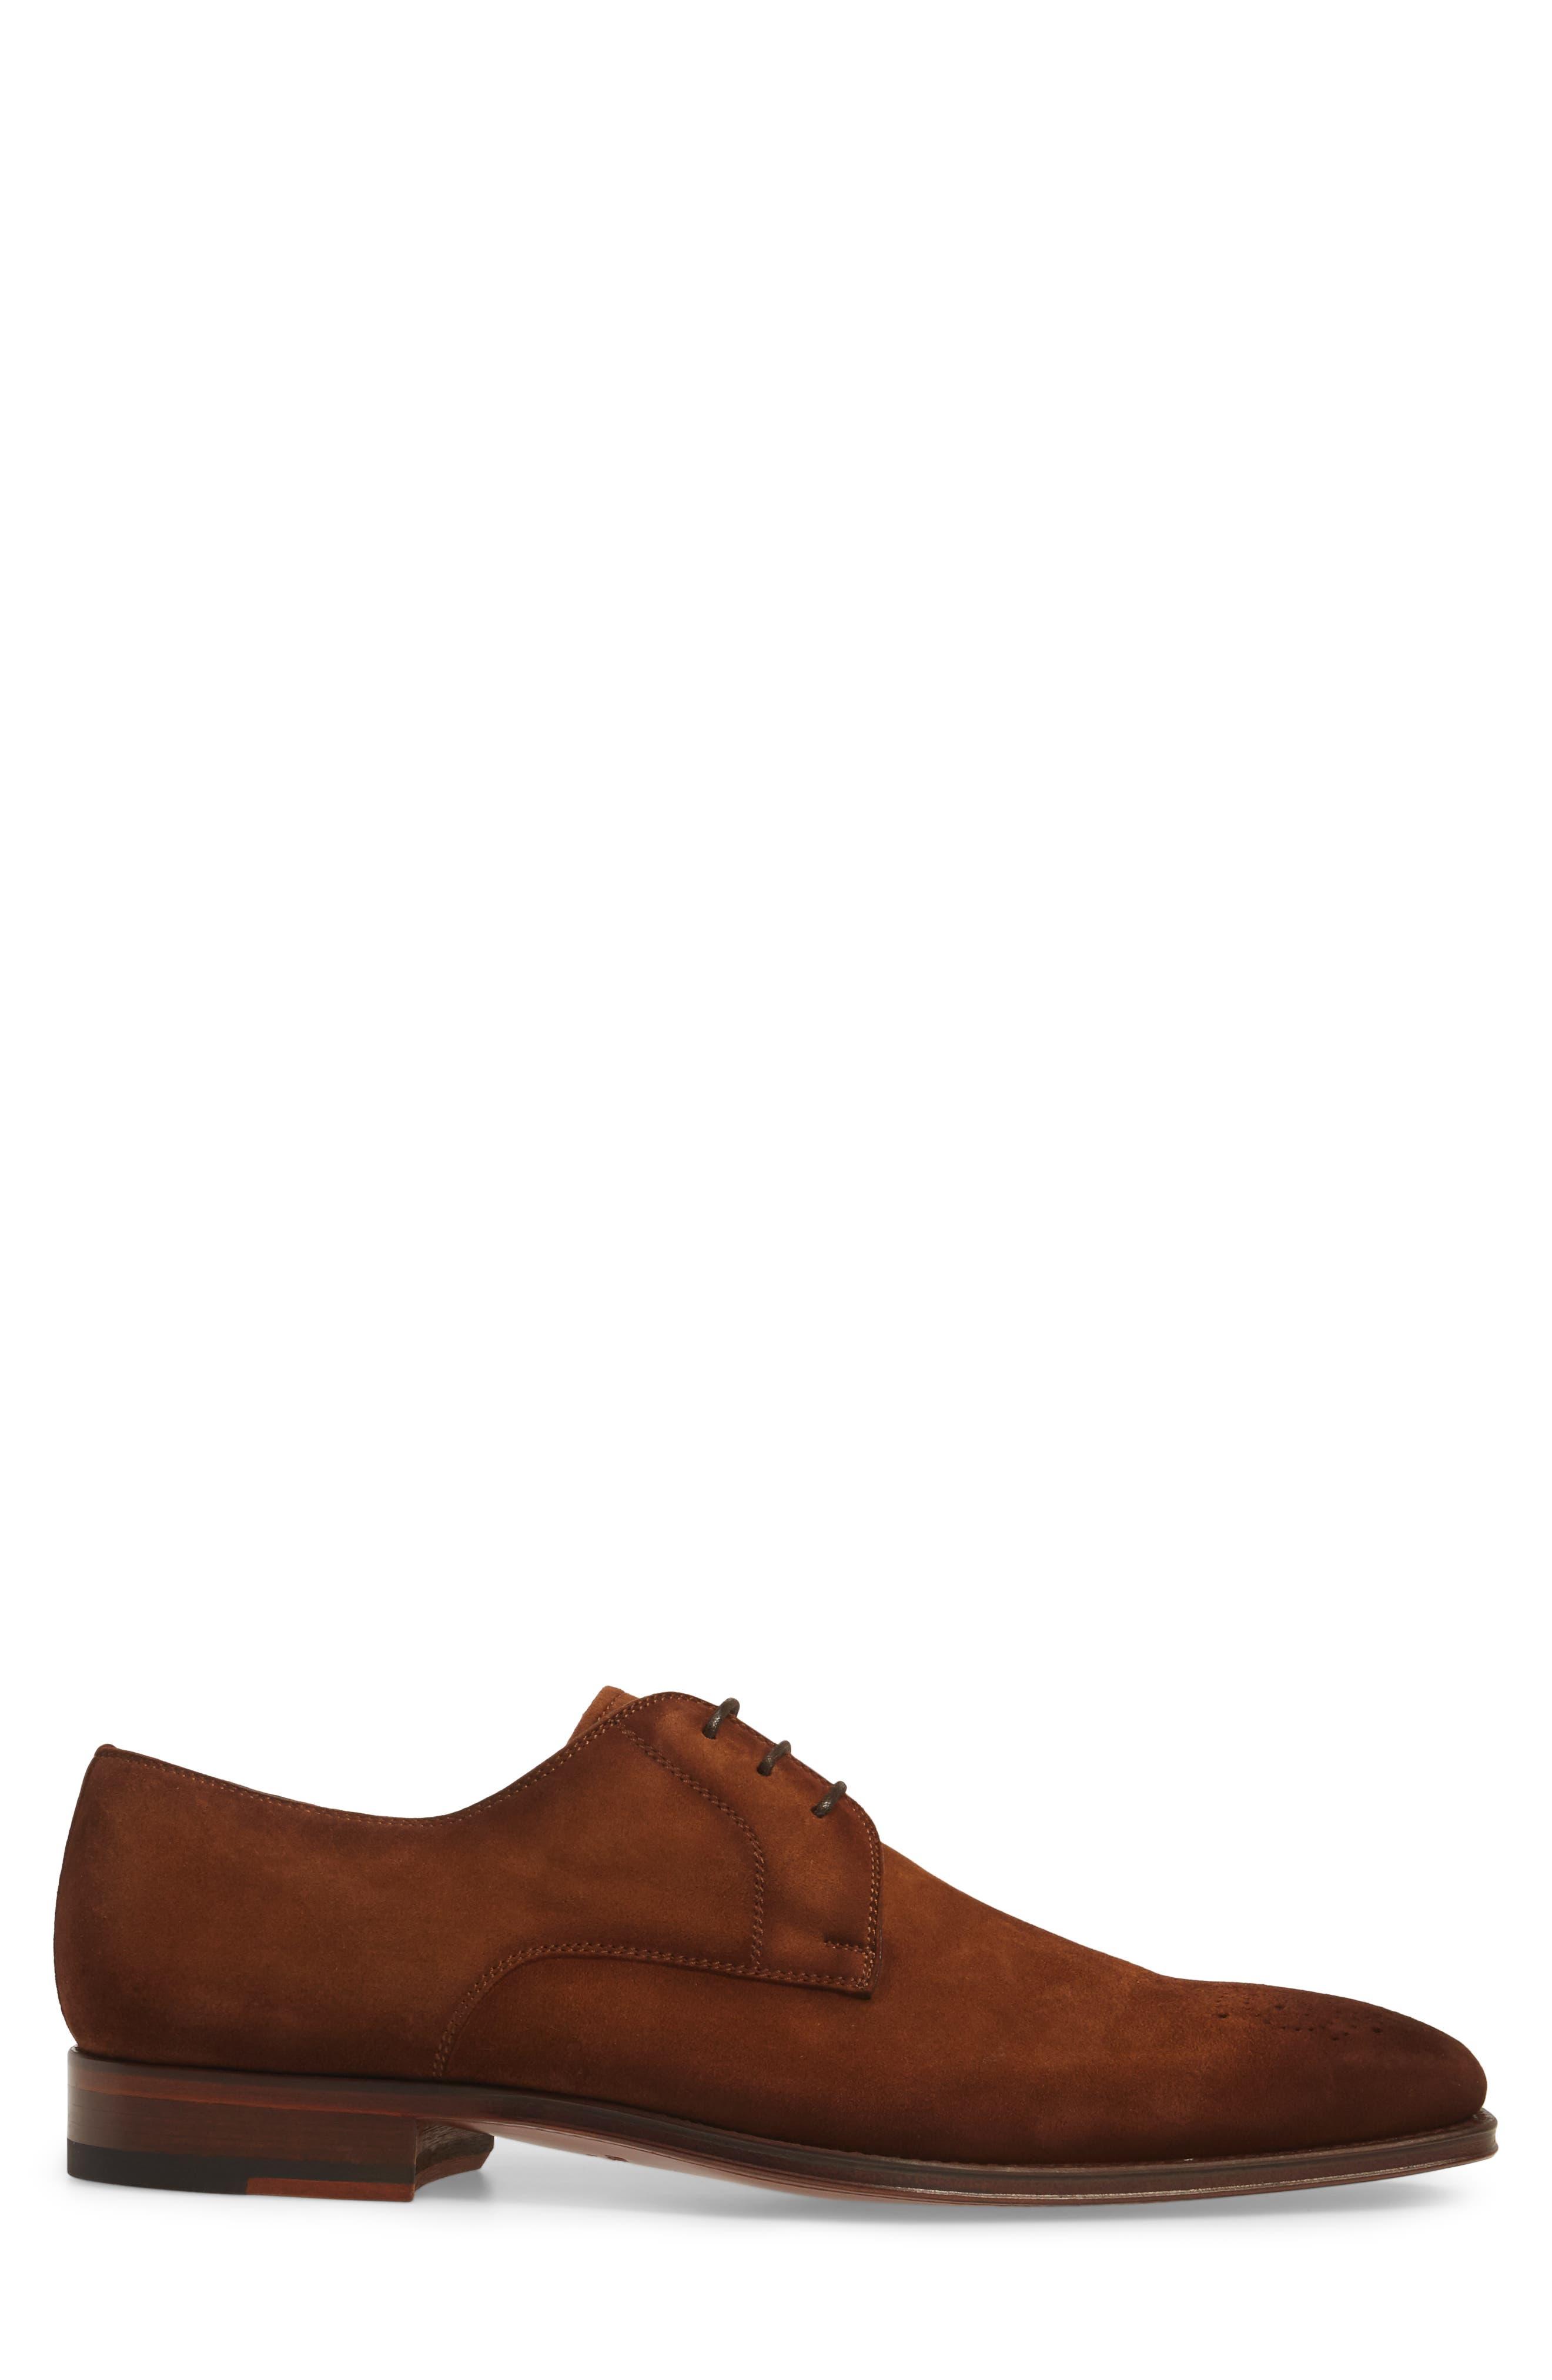 Ezekiel Plain Toe Derby,                             Alternate thumbnail 3, color,                             COGNAC LEATHER